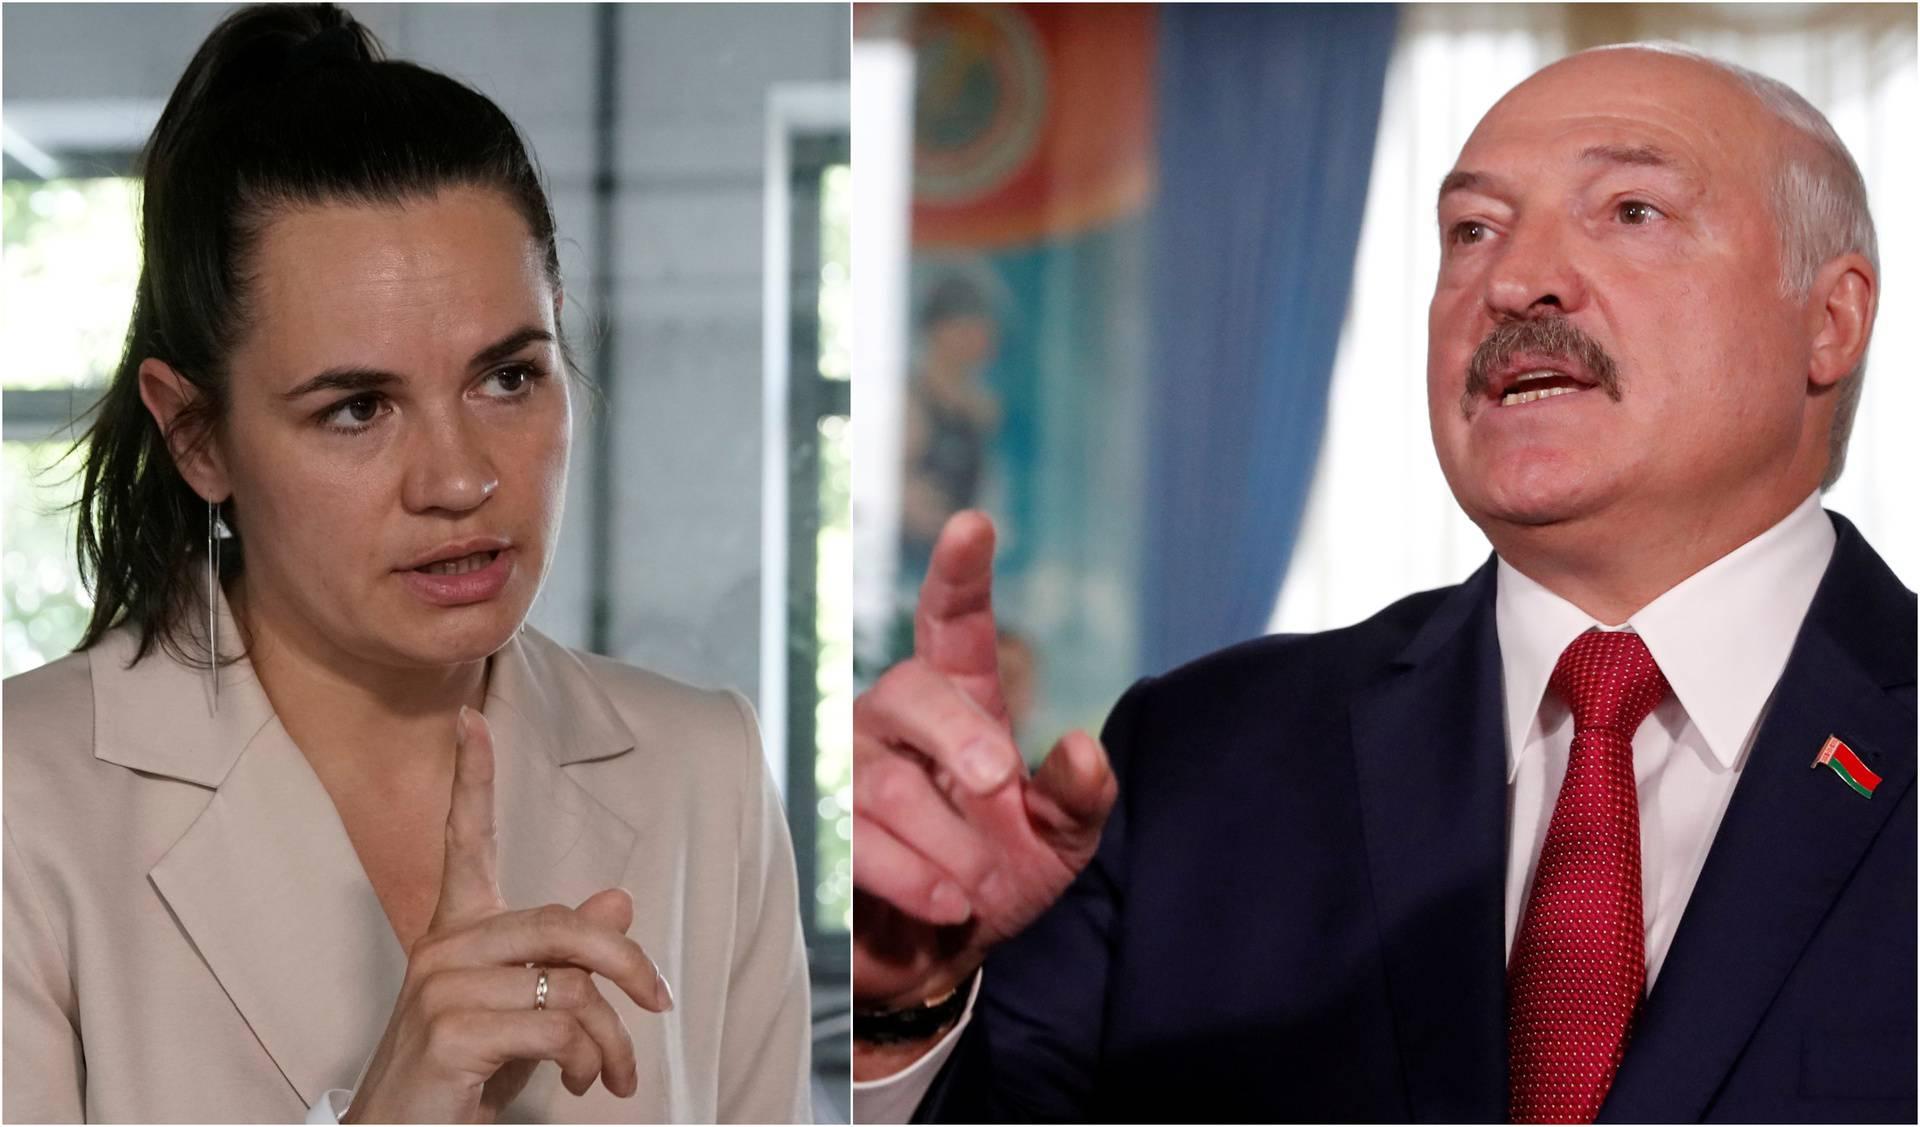 Bjelorusija održava izbore: Lukašenka izaziva profesorica